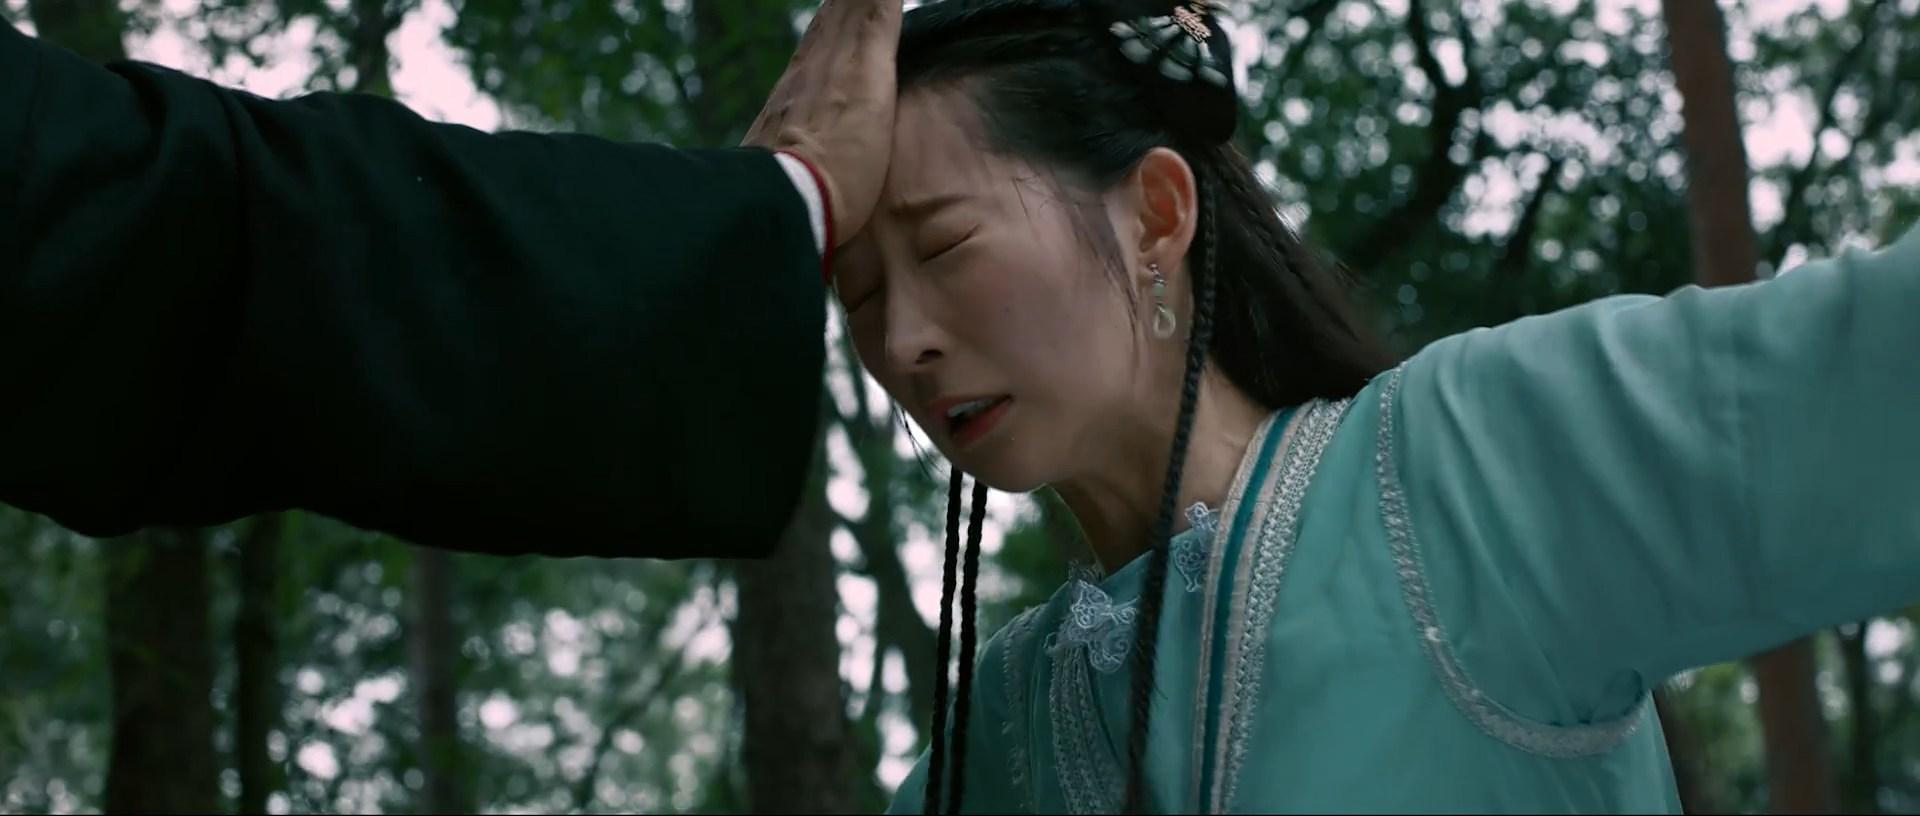 Địch Nhân Kiệt : Xi Vưu huyết đằng 2018 Hoa Đồng trong vai Thẩm Quân Dao